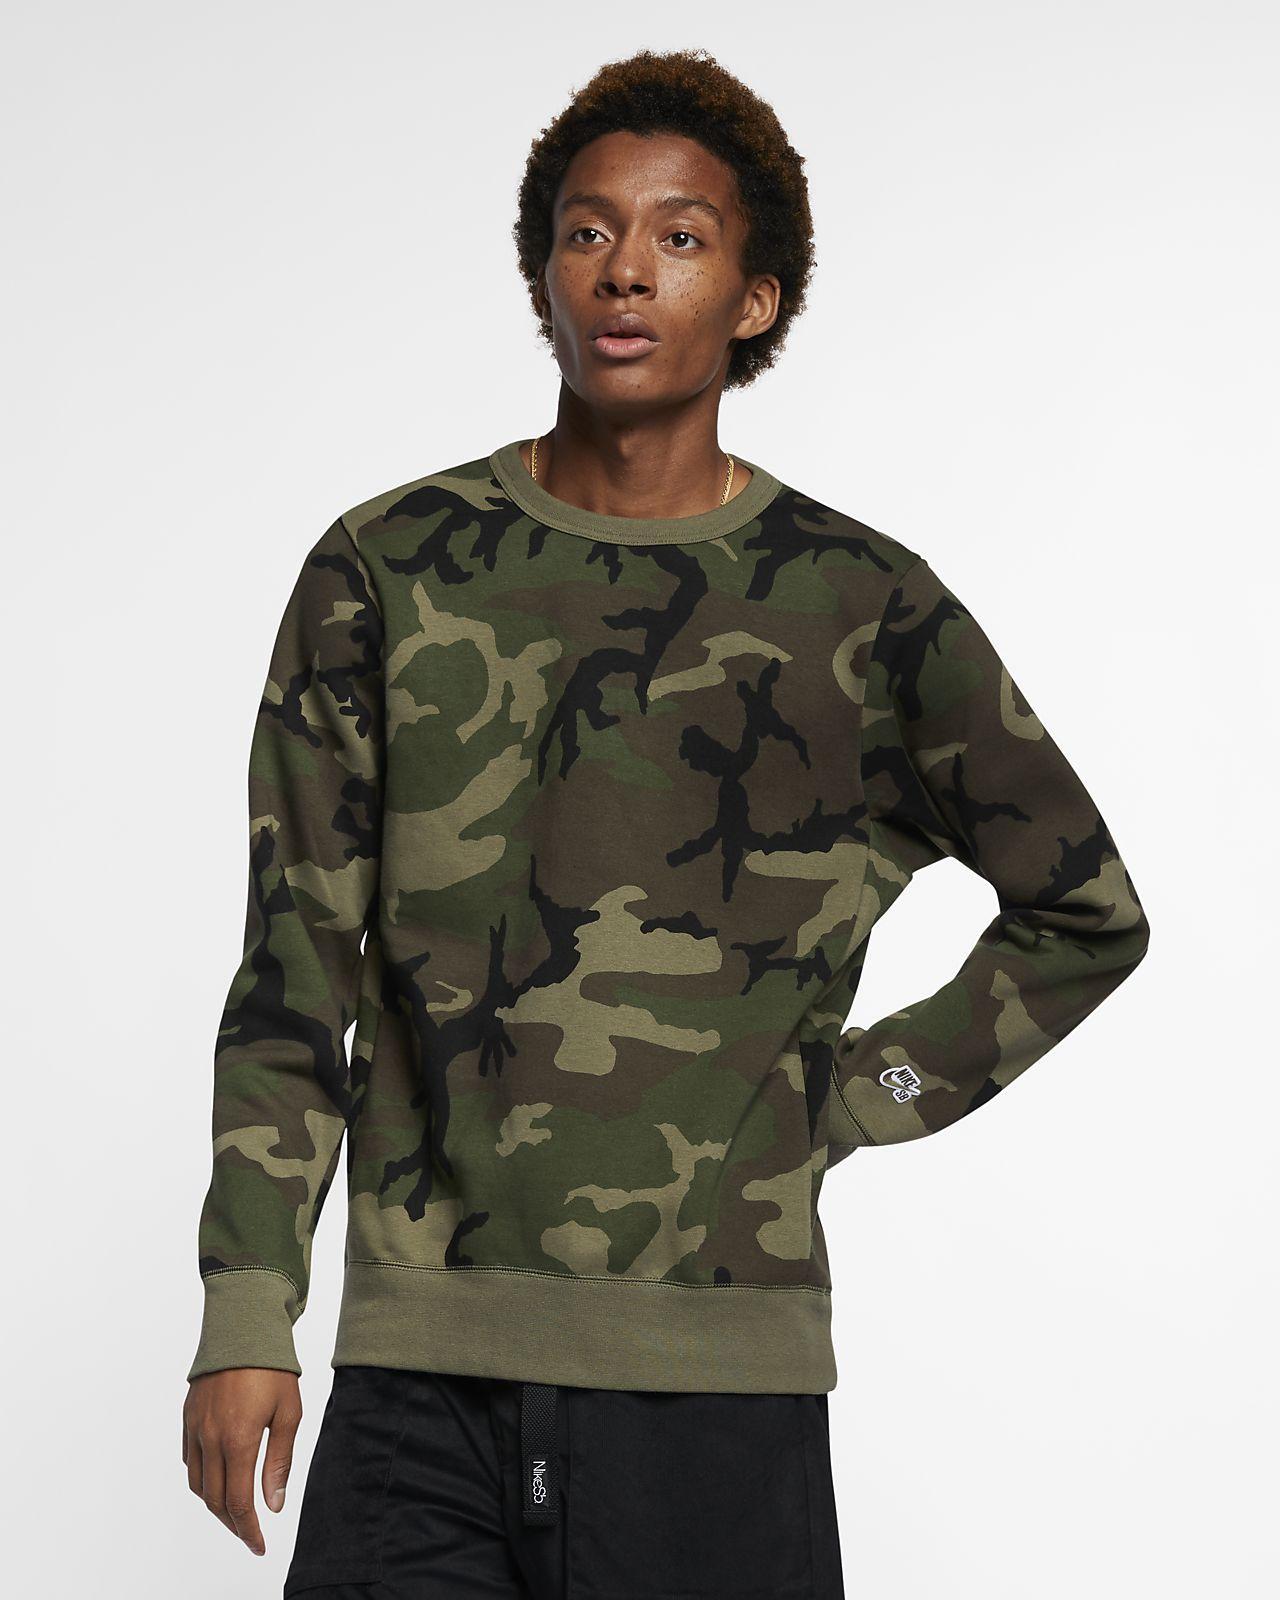 Camisola de skateboard com padrão camuflado Nike SB Icon para homem